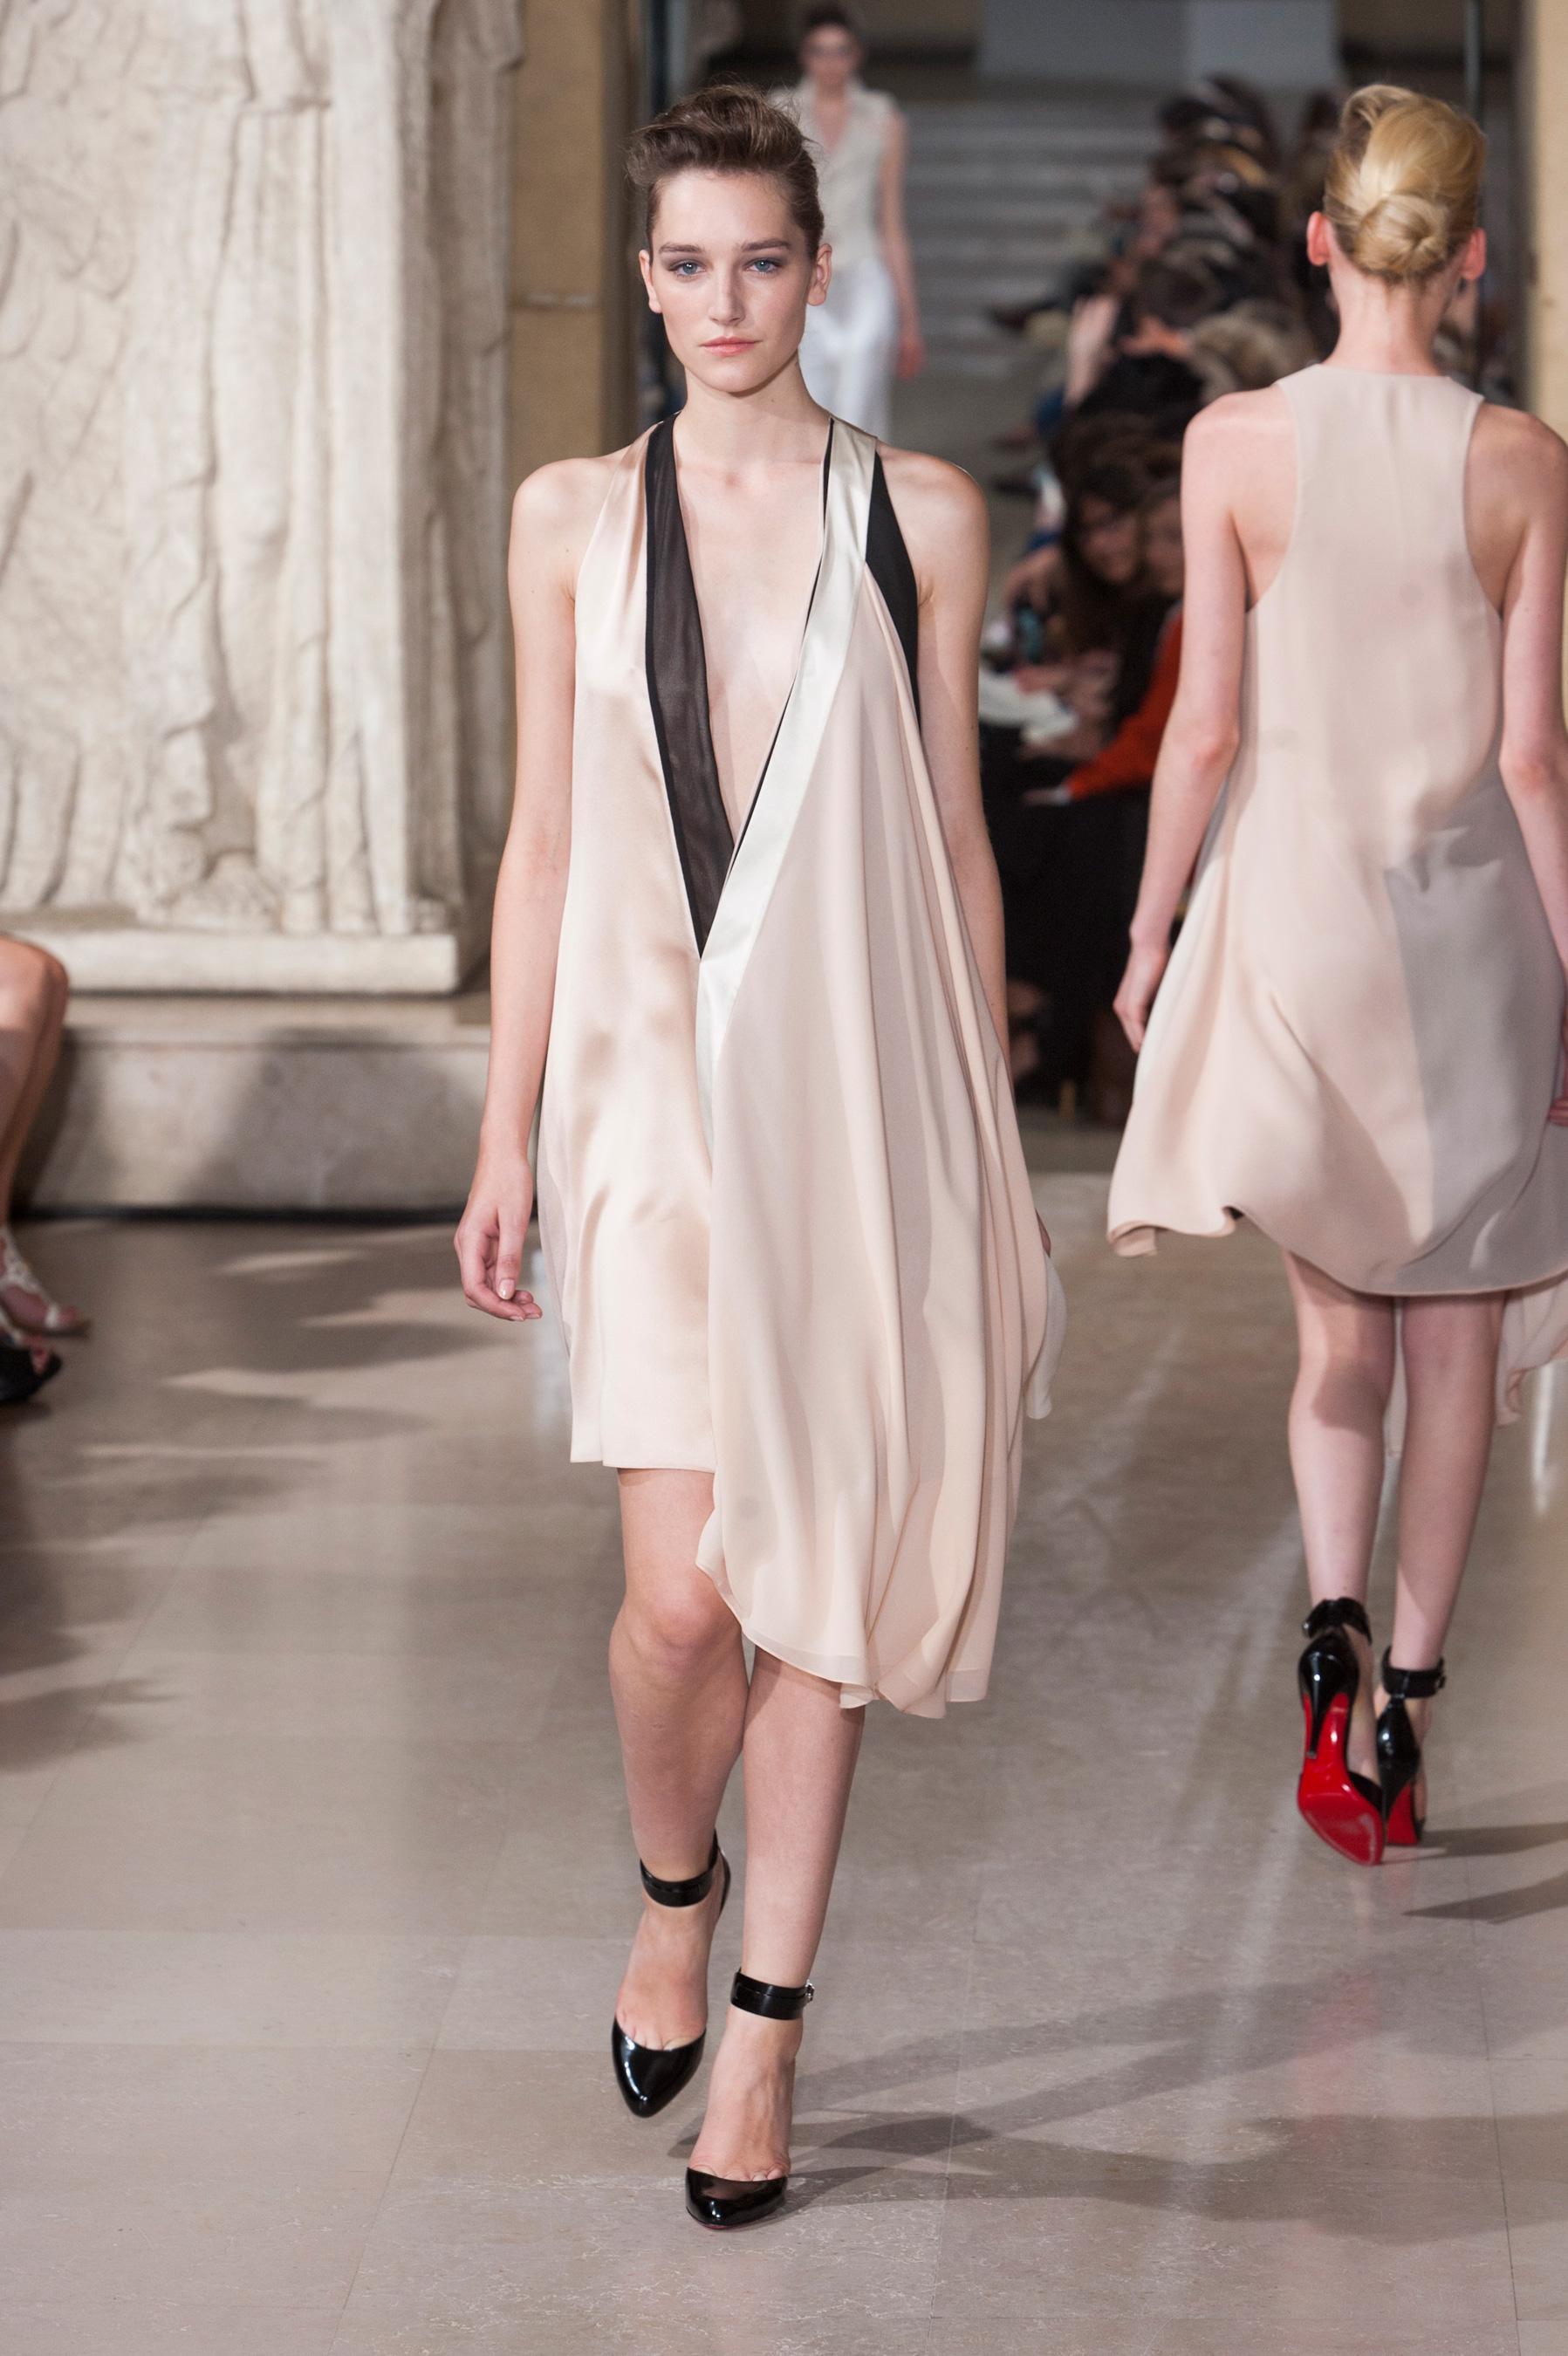 D fil bouchra jarrar automne hiver 2013 2014 couture for 1900 haute couture